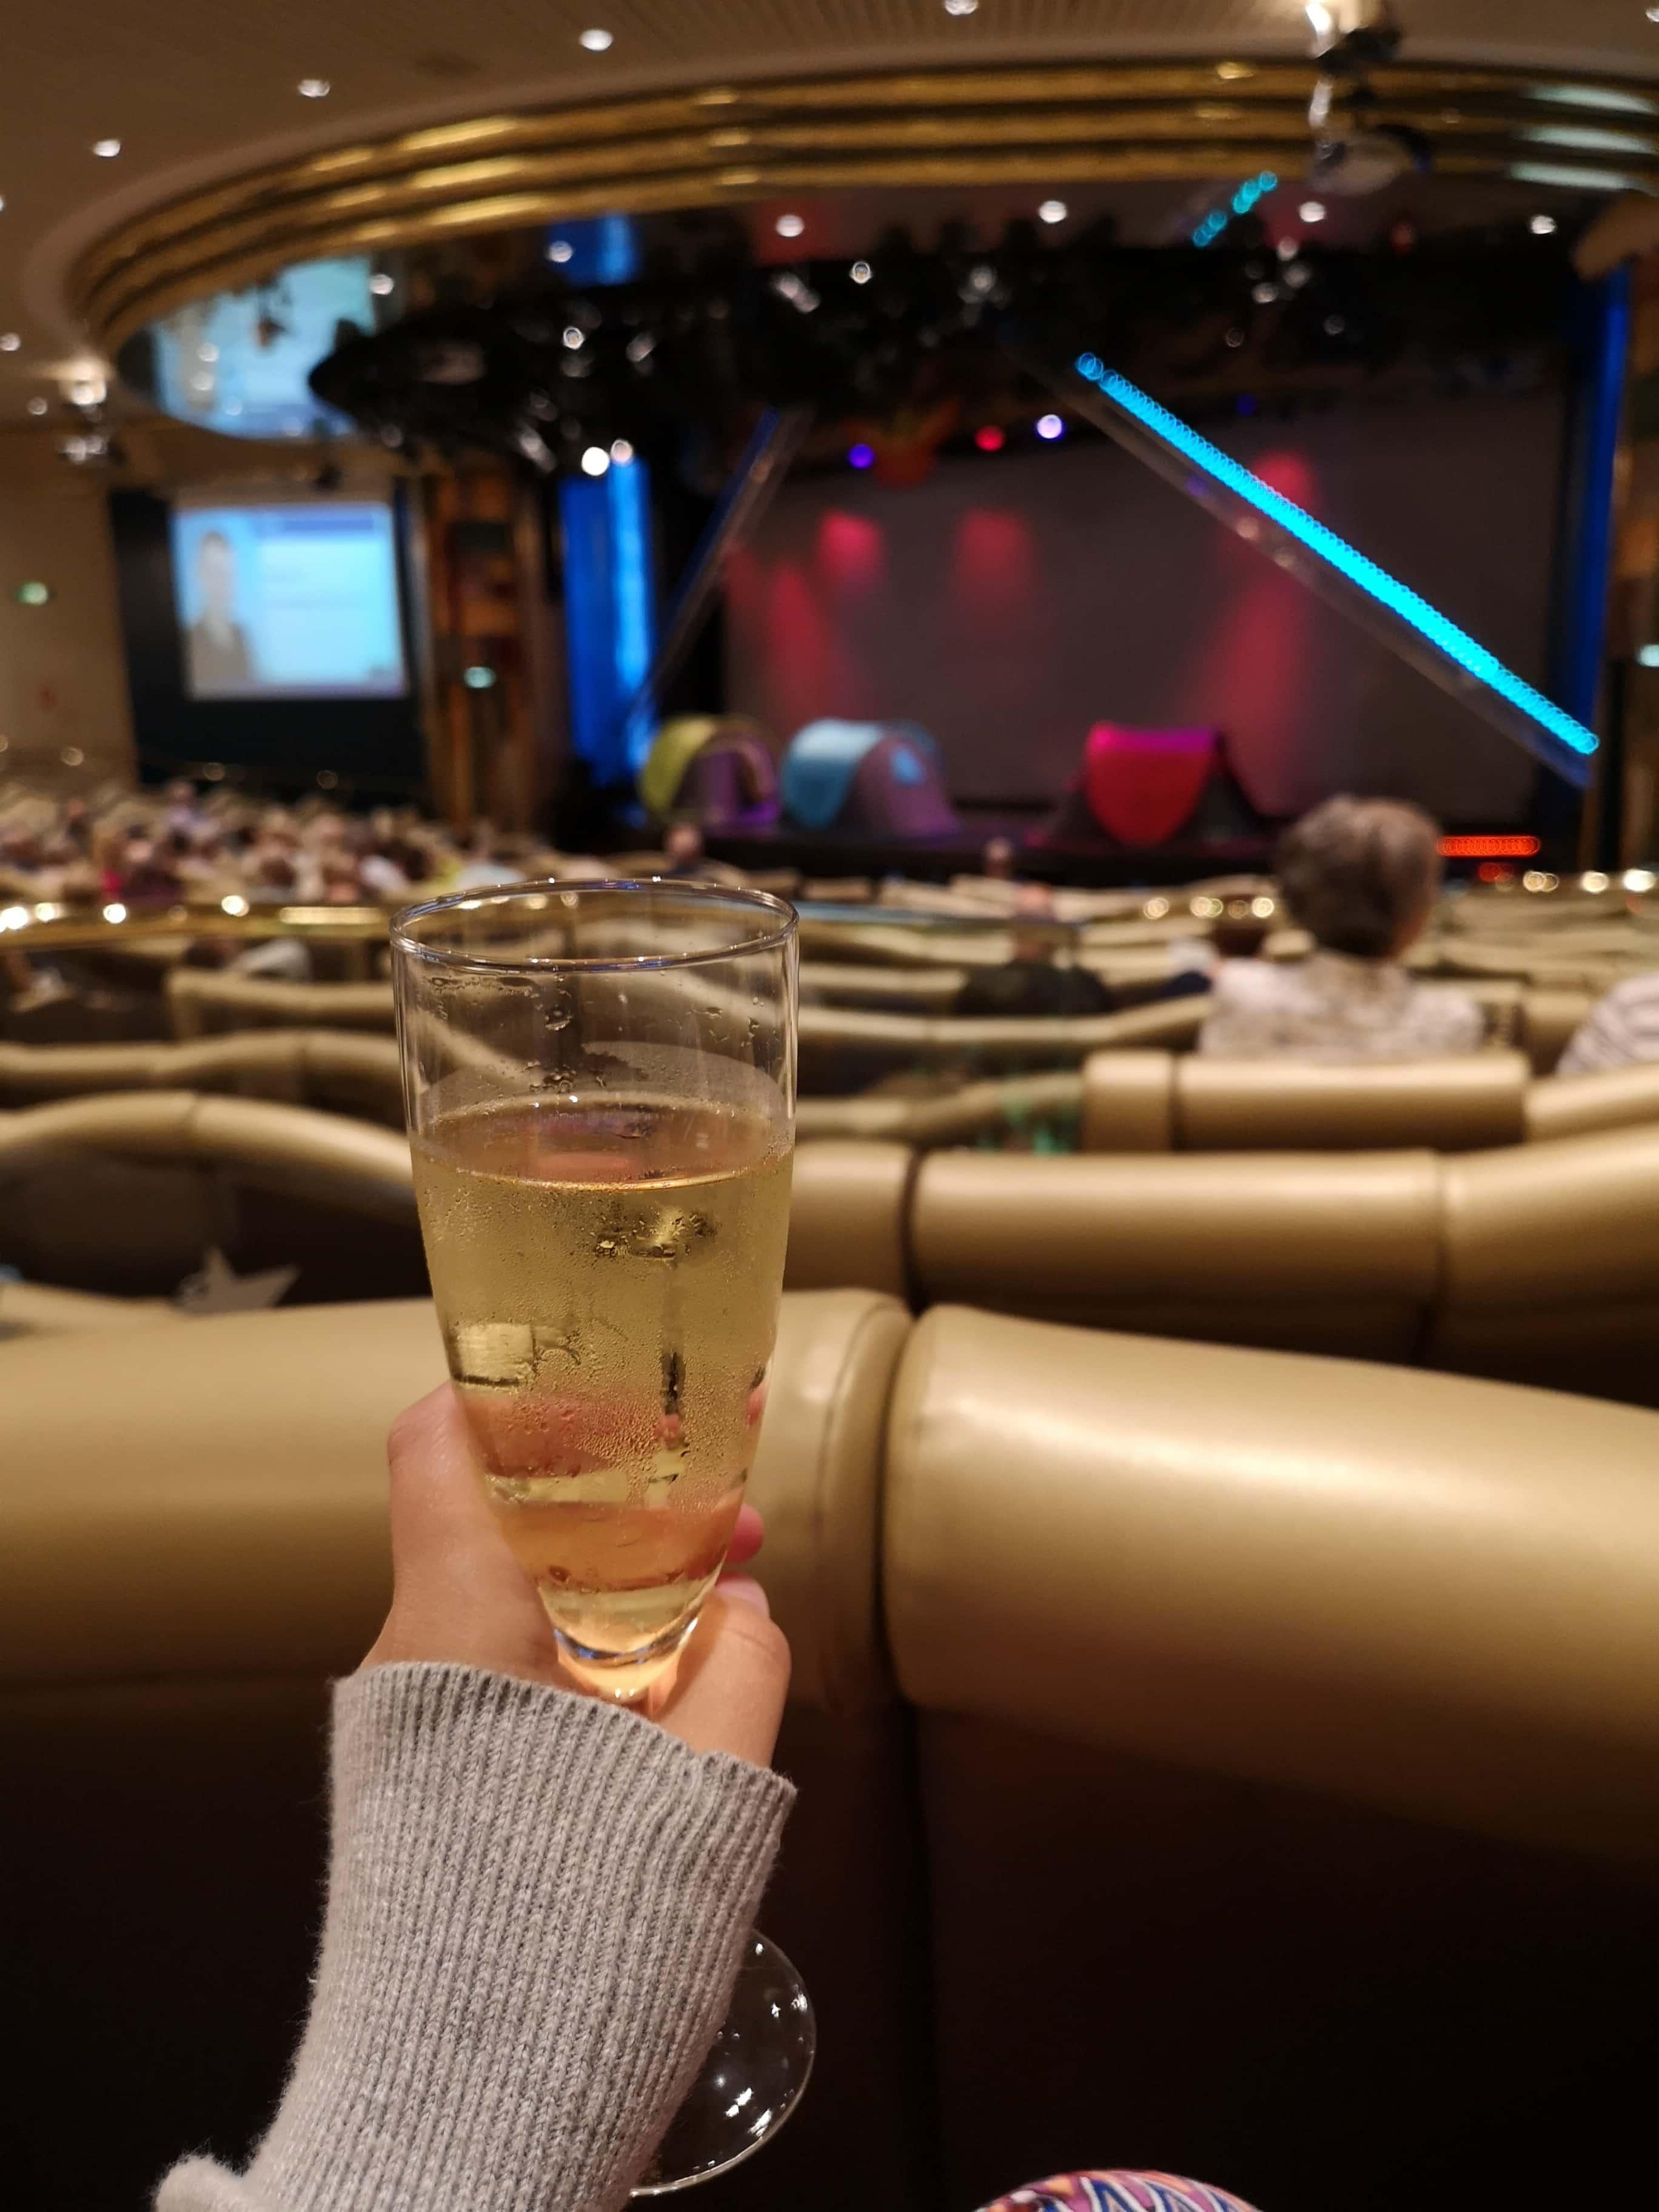 Marella Discovery Theatre Broadway Show lounge prosecco